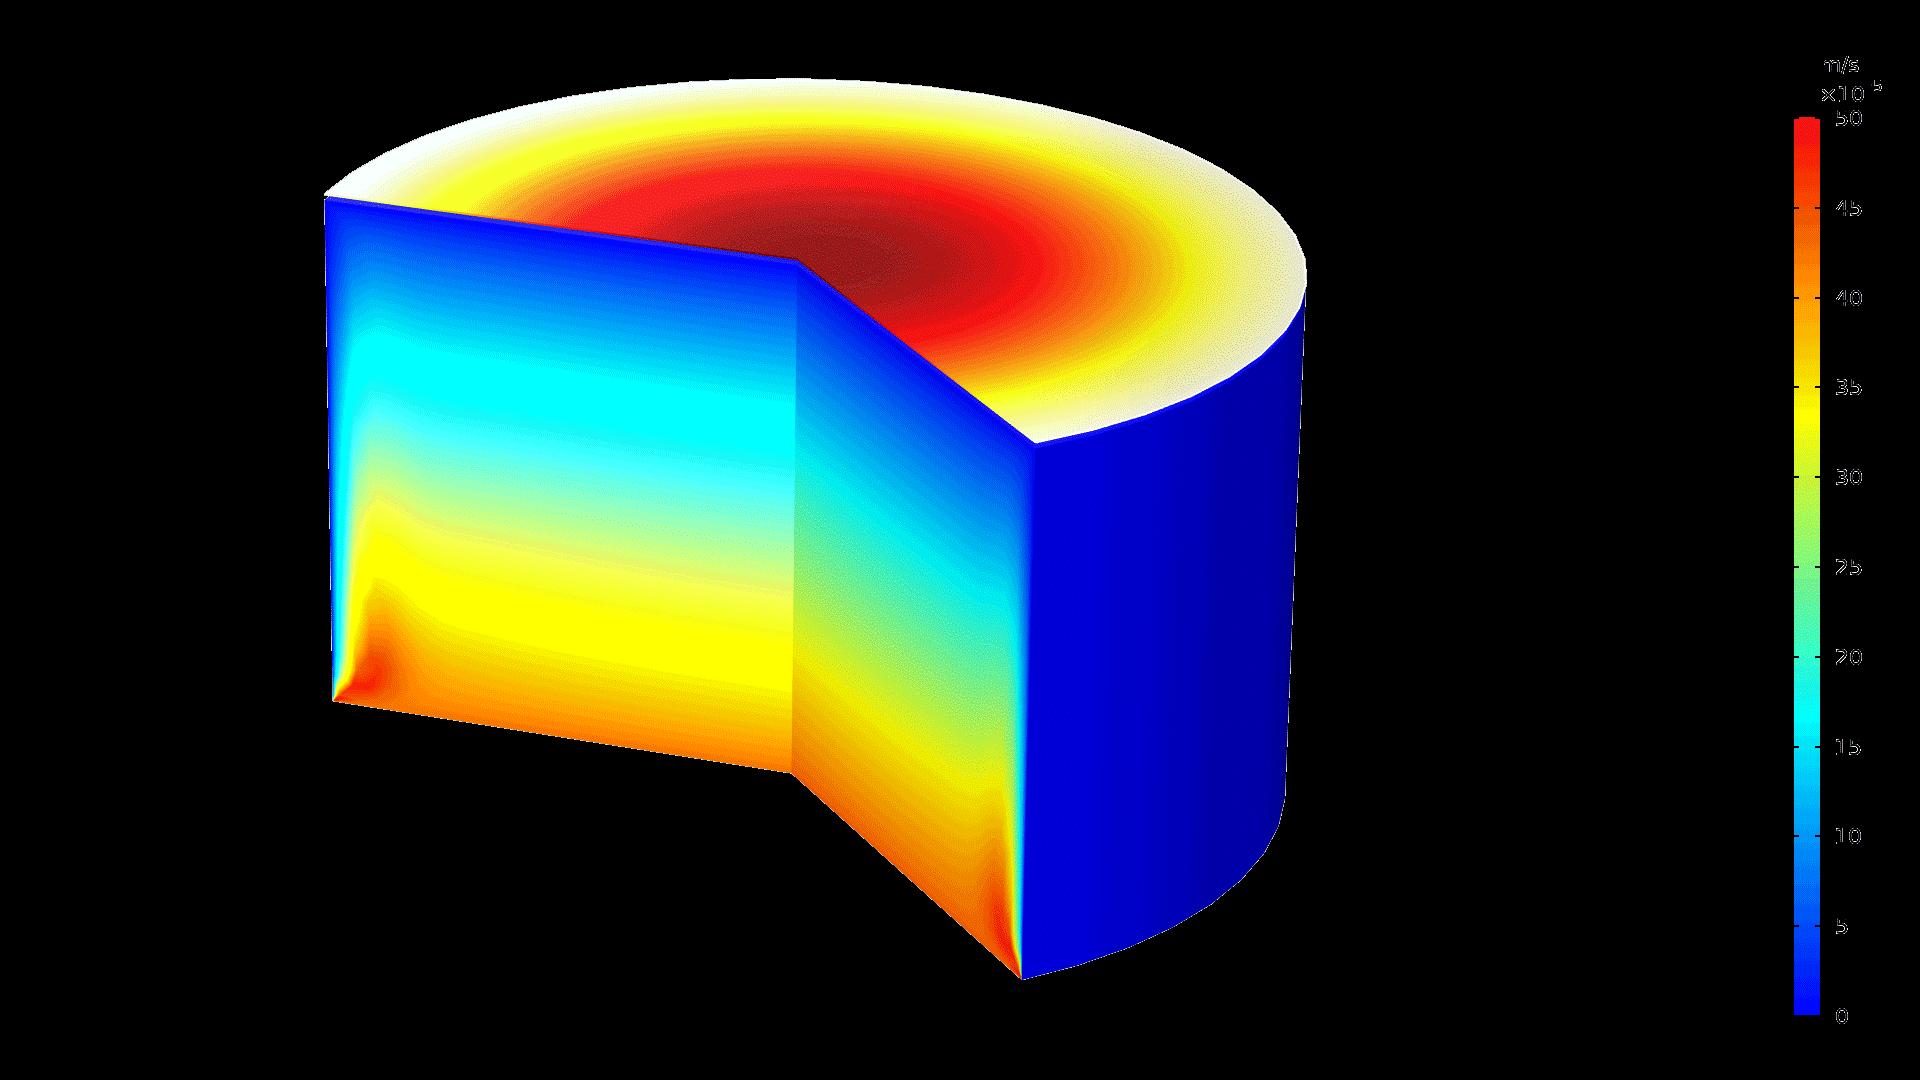 하이파이 측정 마이크가 보정될 때, 압력 상호관계 교정 방법이 사용됩니다. 습한 공기의 물성은 대기압, 온도, 그리고 상대 습도에 달라집니다. 이 관계는 정확한 결과를 얻기 위해 고려됩니다.